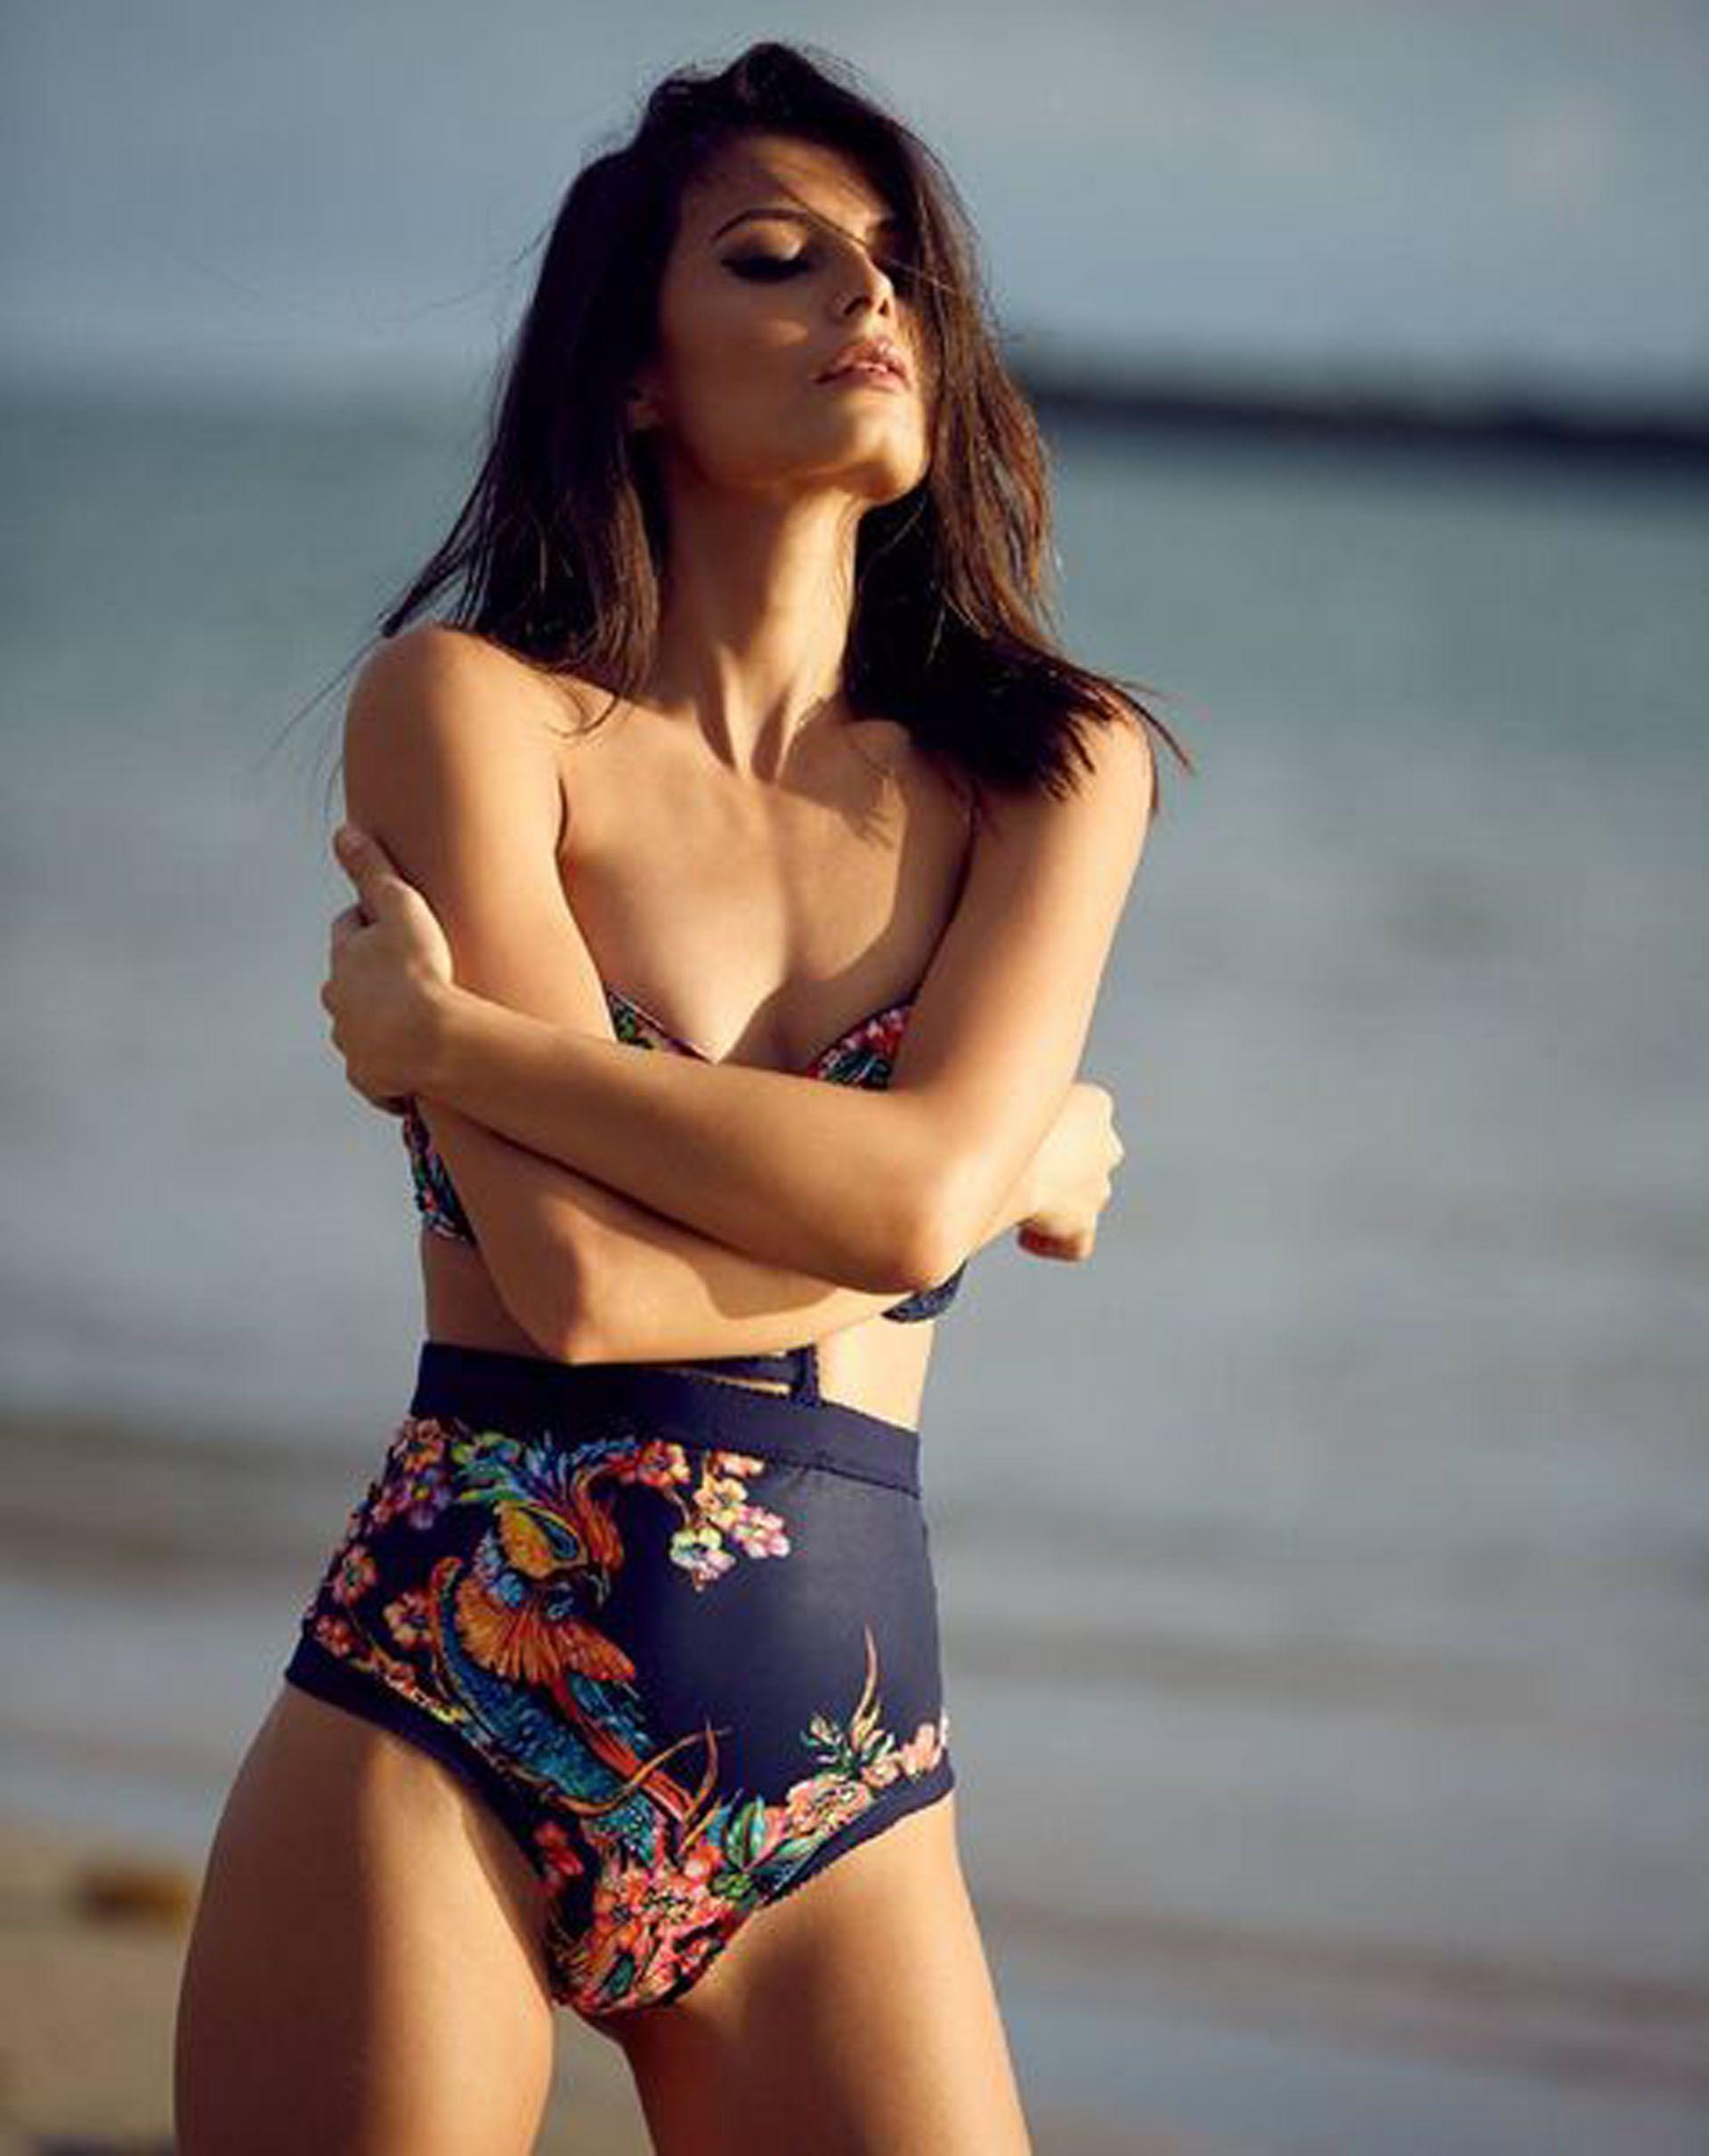 Celebrites Camila Quintero nudes (43 images), Boobs